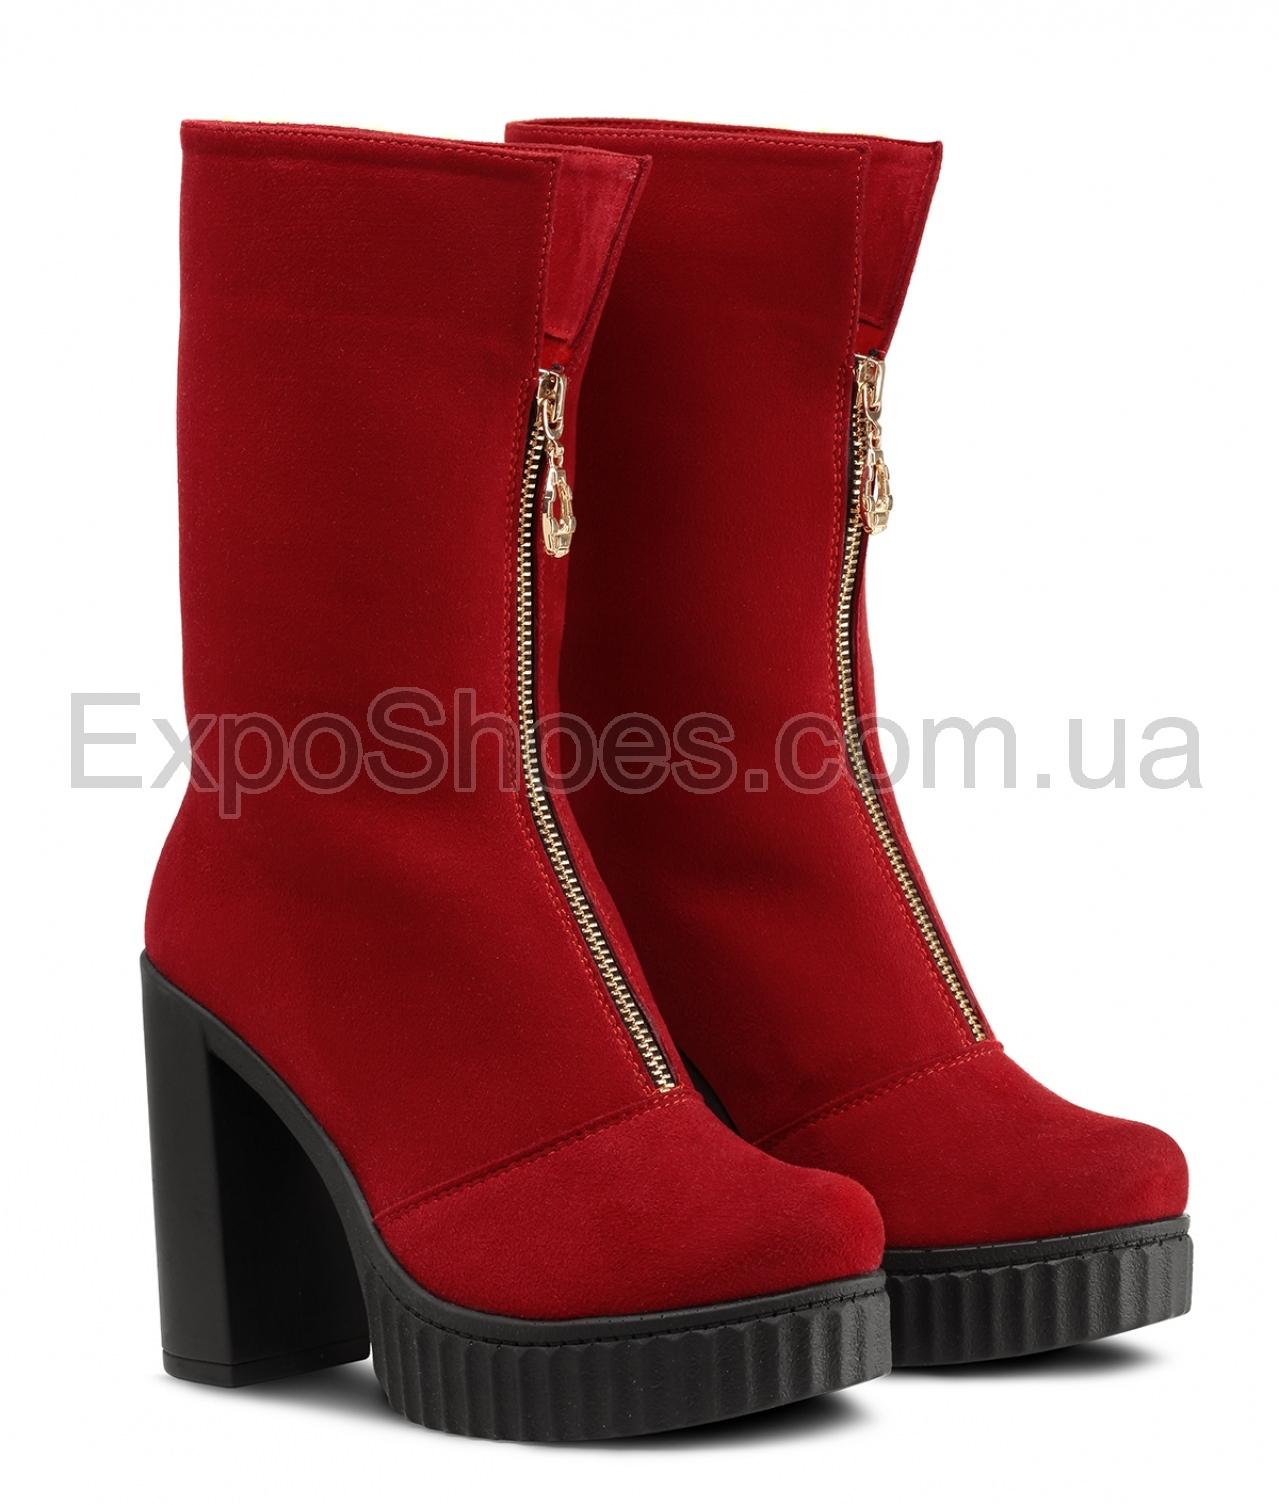 Женские красные ботинки фабрики Cats